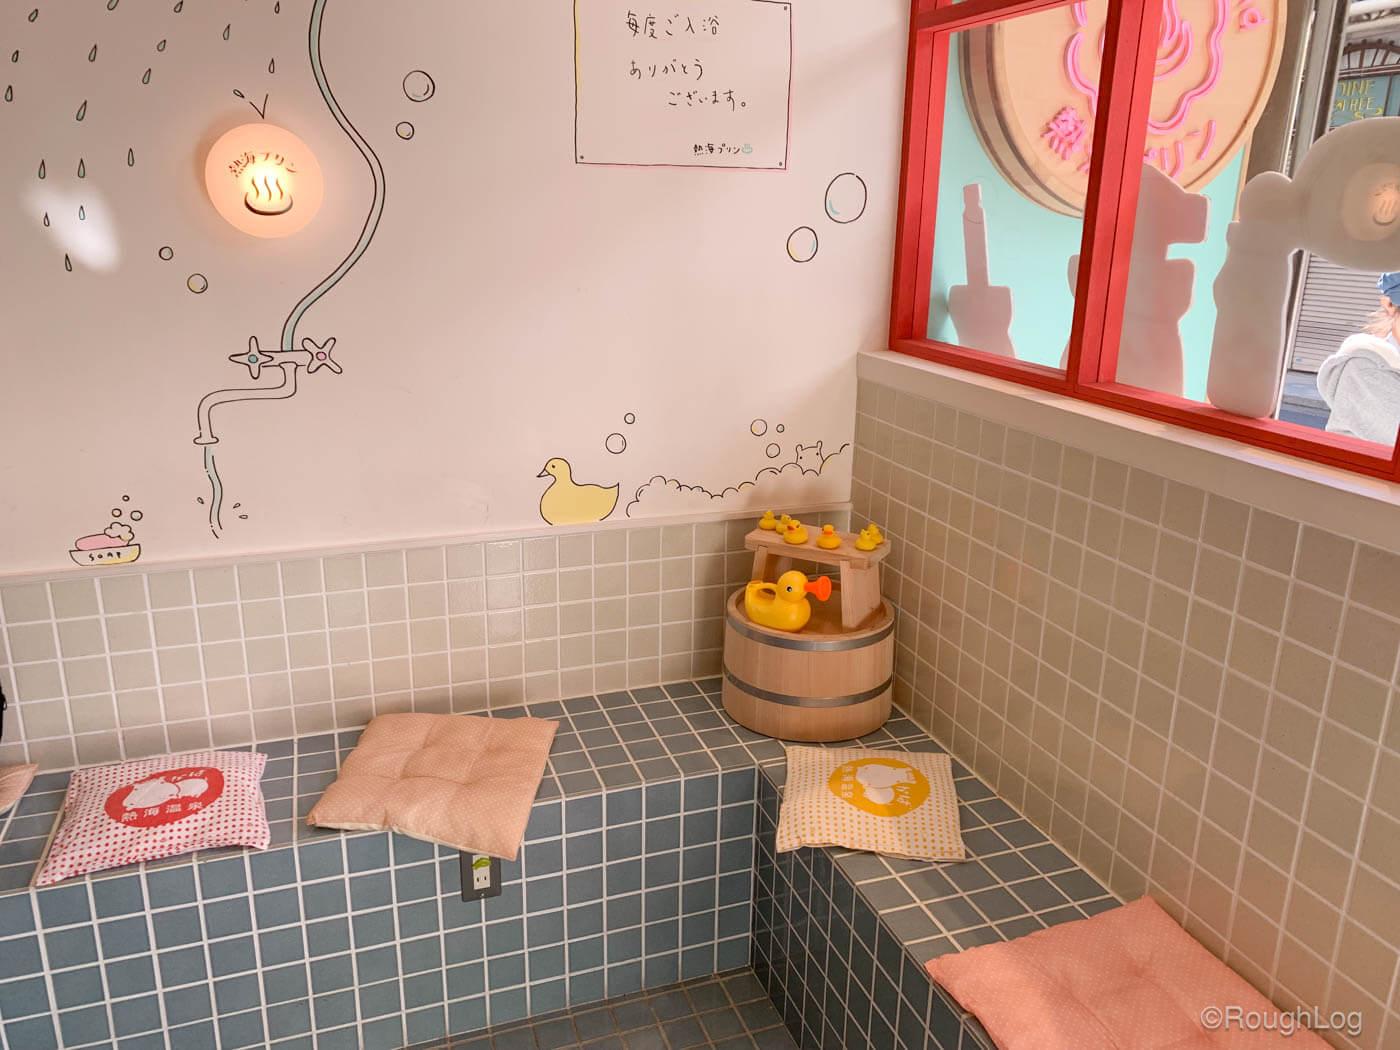 タイルを使っているあたりも完全にお風呂をイメージしていますよね